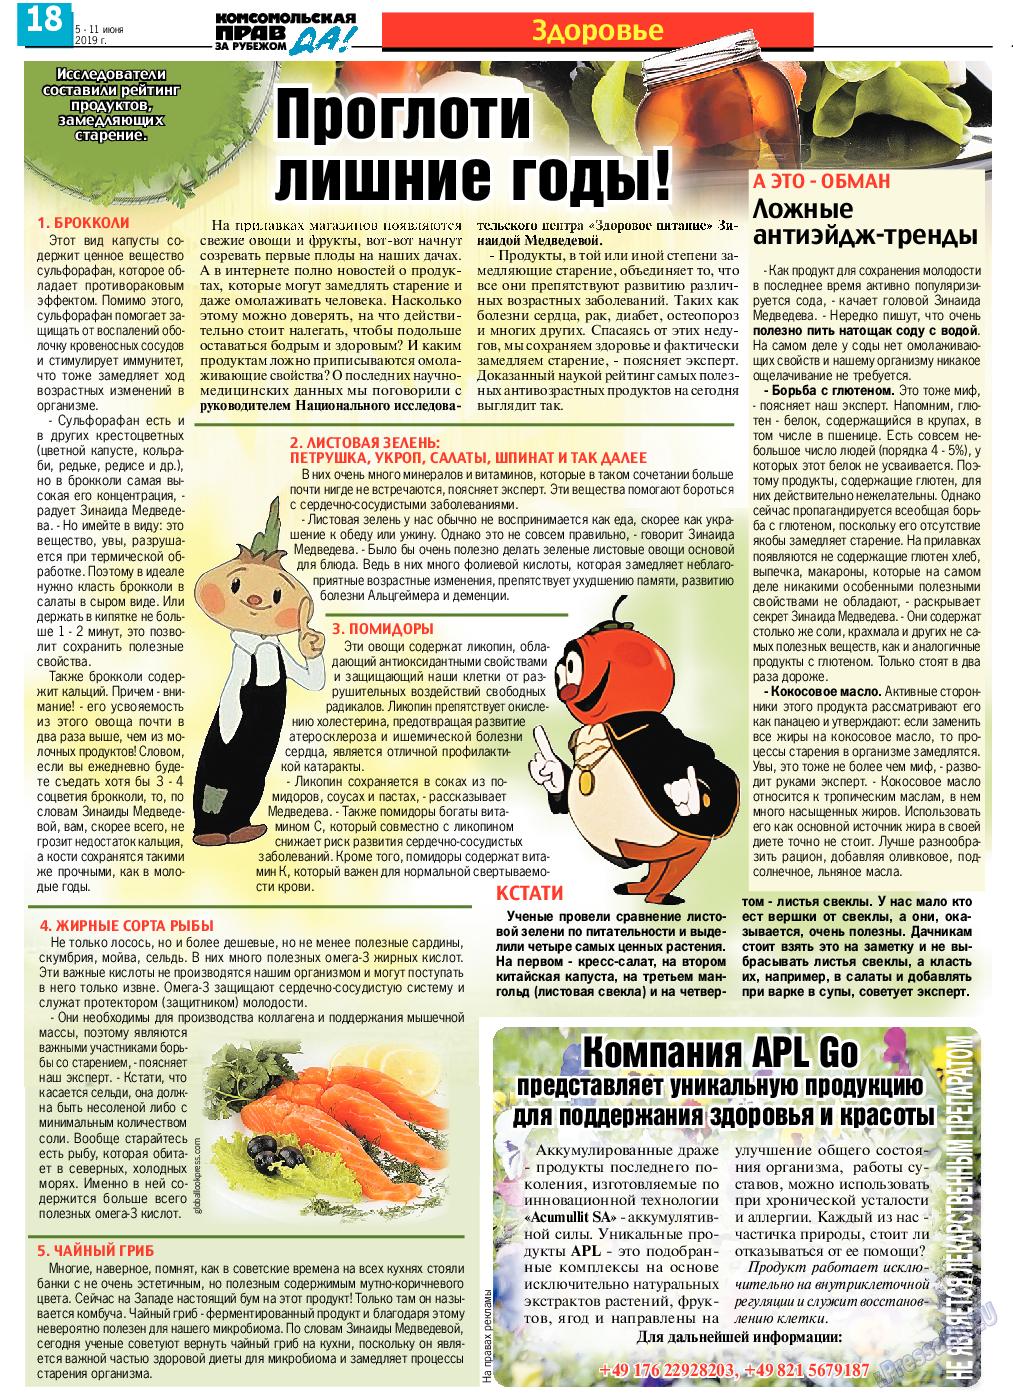 КП в Европе (газета). 2019 год, номер 23, стр. 18